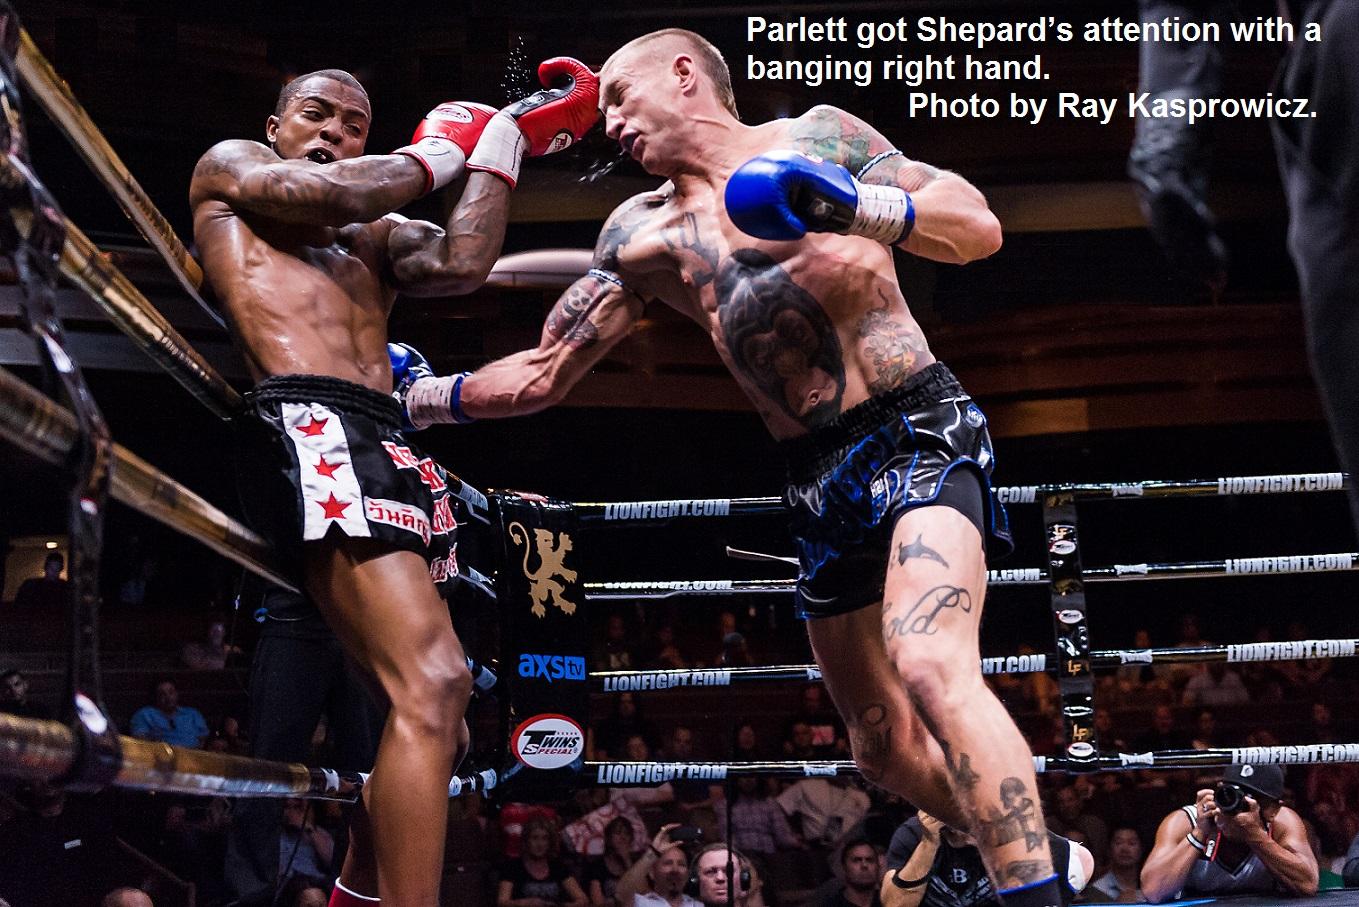 Parlett vs. Shepard